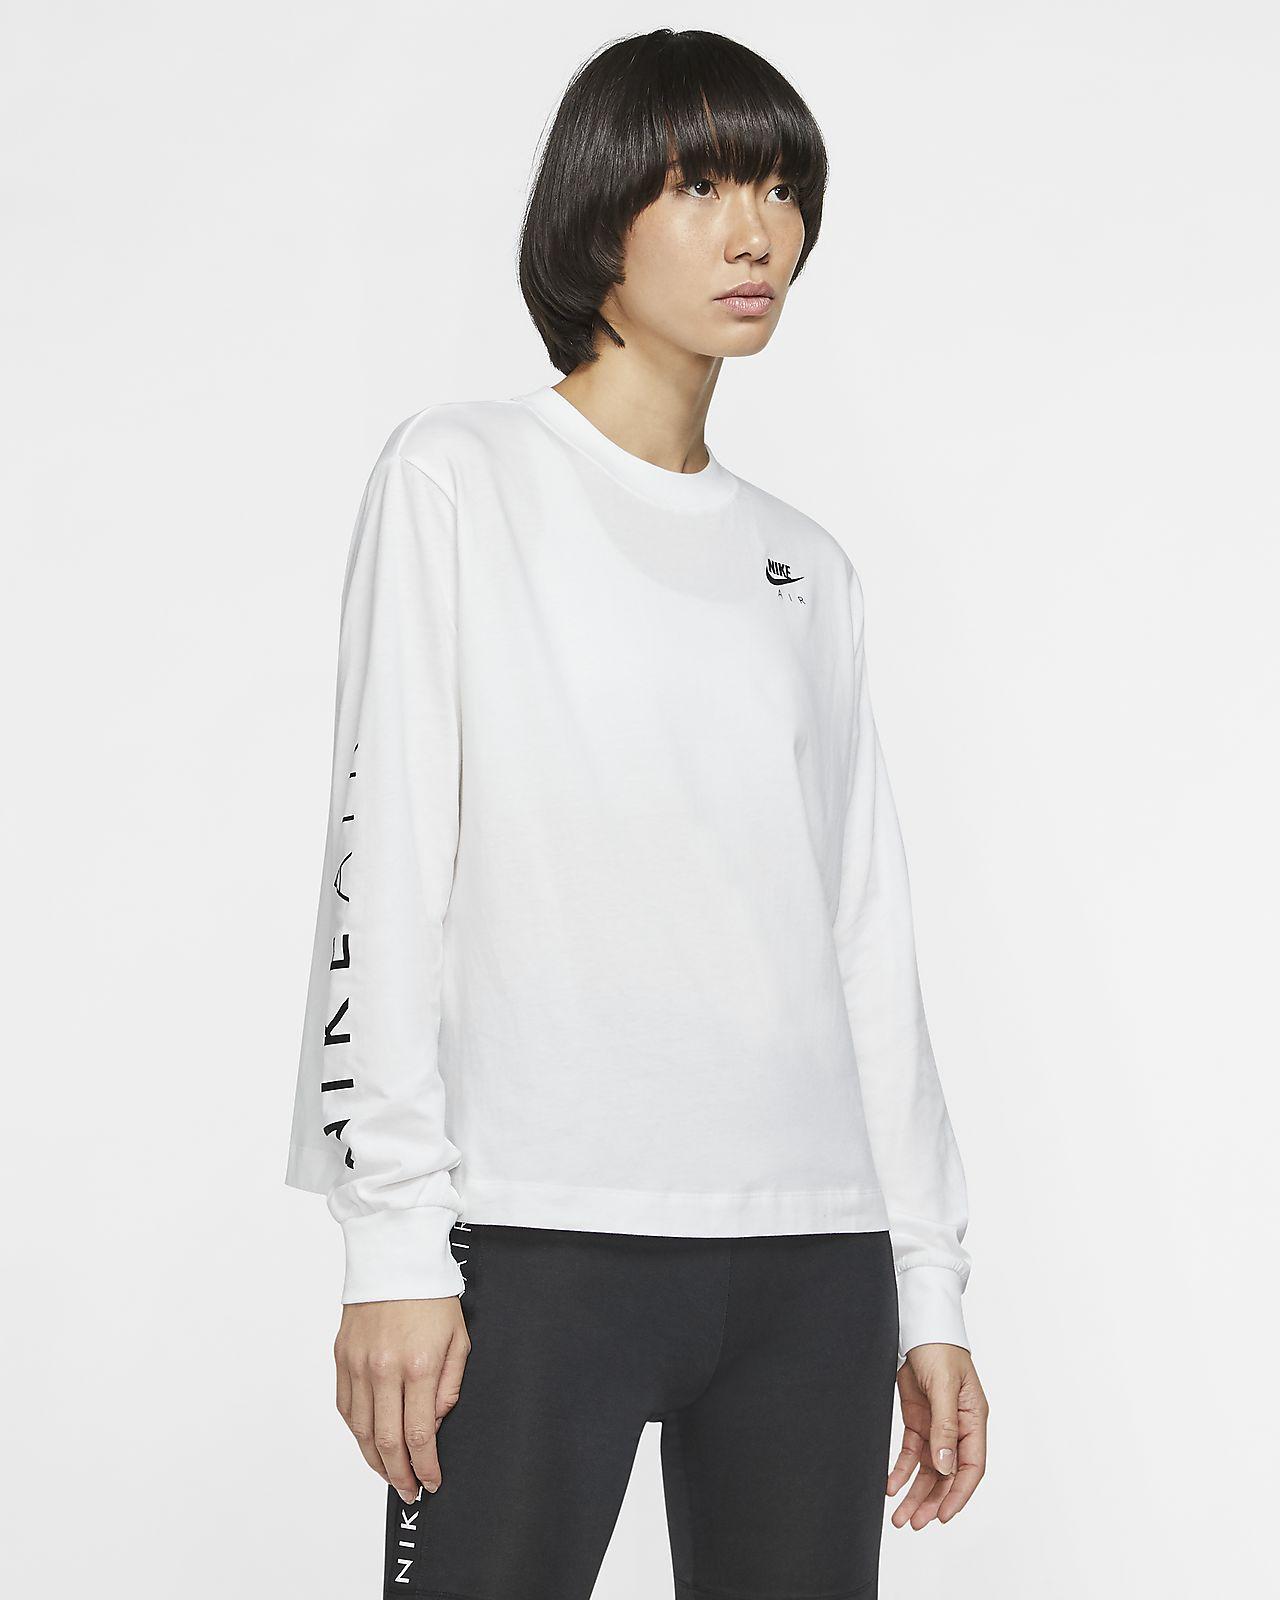 Trova il tuo look Allenamento Nike Donna |